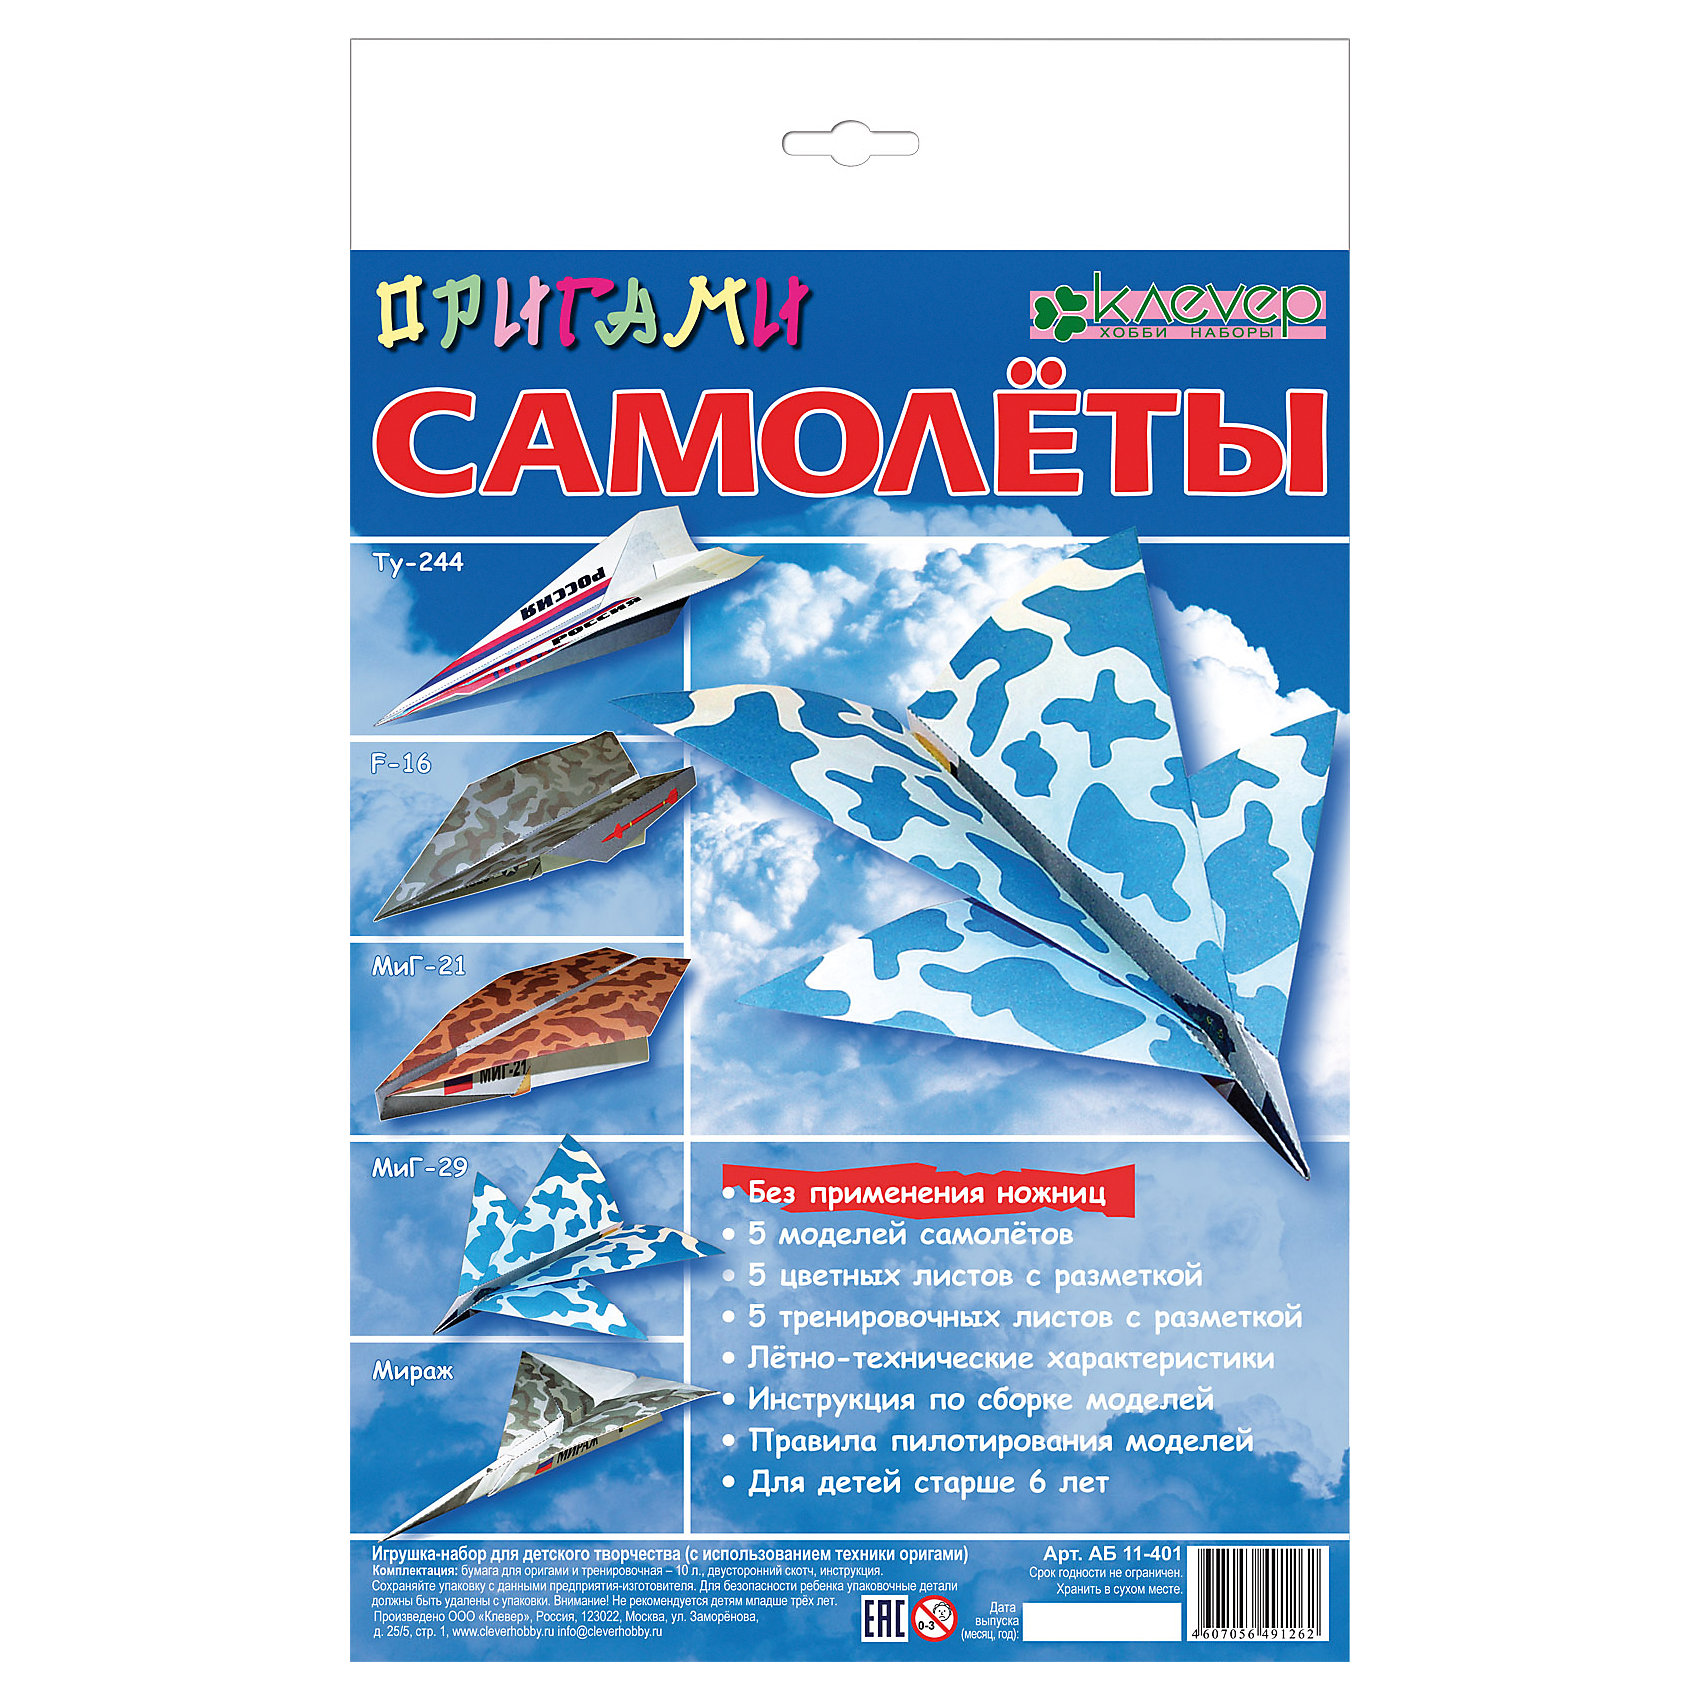 Набор для изготовления фигурок Самолеты. ОригамиРукоделие<br>Характеристики:<br><br>• Коллекция: оригами<br>• Тематика: самолеты<br>• Уровень сложности: средний<br>• Материал: бумага<br>• Комплектация: тренировочные листы, цветные листы, брошюра-инструкция<br>• Размеры (Д*Ш*В): 22*34,3*2 см<br>• Вес: 64 г <br>• Упаковка: картонная коробка<br><br>Набор для изготовления фигурок Самолеты. Оригами состоит из набора цветных и черно-белых листов, презназначенных для освоения приемов складывания фигурок. На каждый лист нанесены пунктирные линии, которые облегчают процесс обучения оригами.<br><br>Набор для изготовления фигурок Самолеты. Оригами можно купить в нашем интернет-магазине.<br><br>Ширина мм: 220<br>Глубина мм: 343<br>Высота мм: 20<br>Вес г: 64<br>Возраст от месяцев: 96<br>Возраст до месяцев: 144<br>Пол: Мужской<br>Возраст: Детский<br>SKU: 5541597